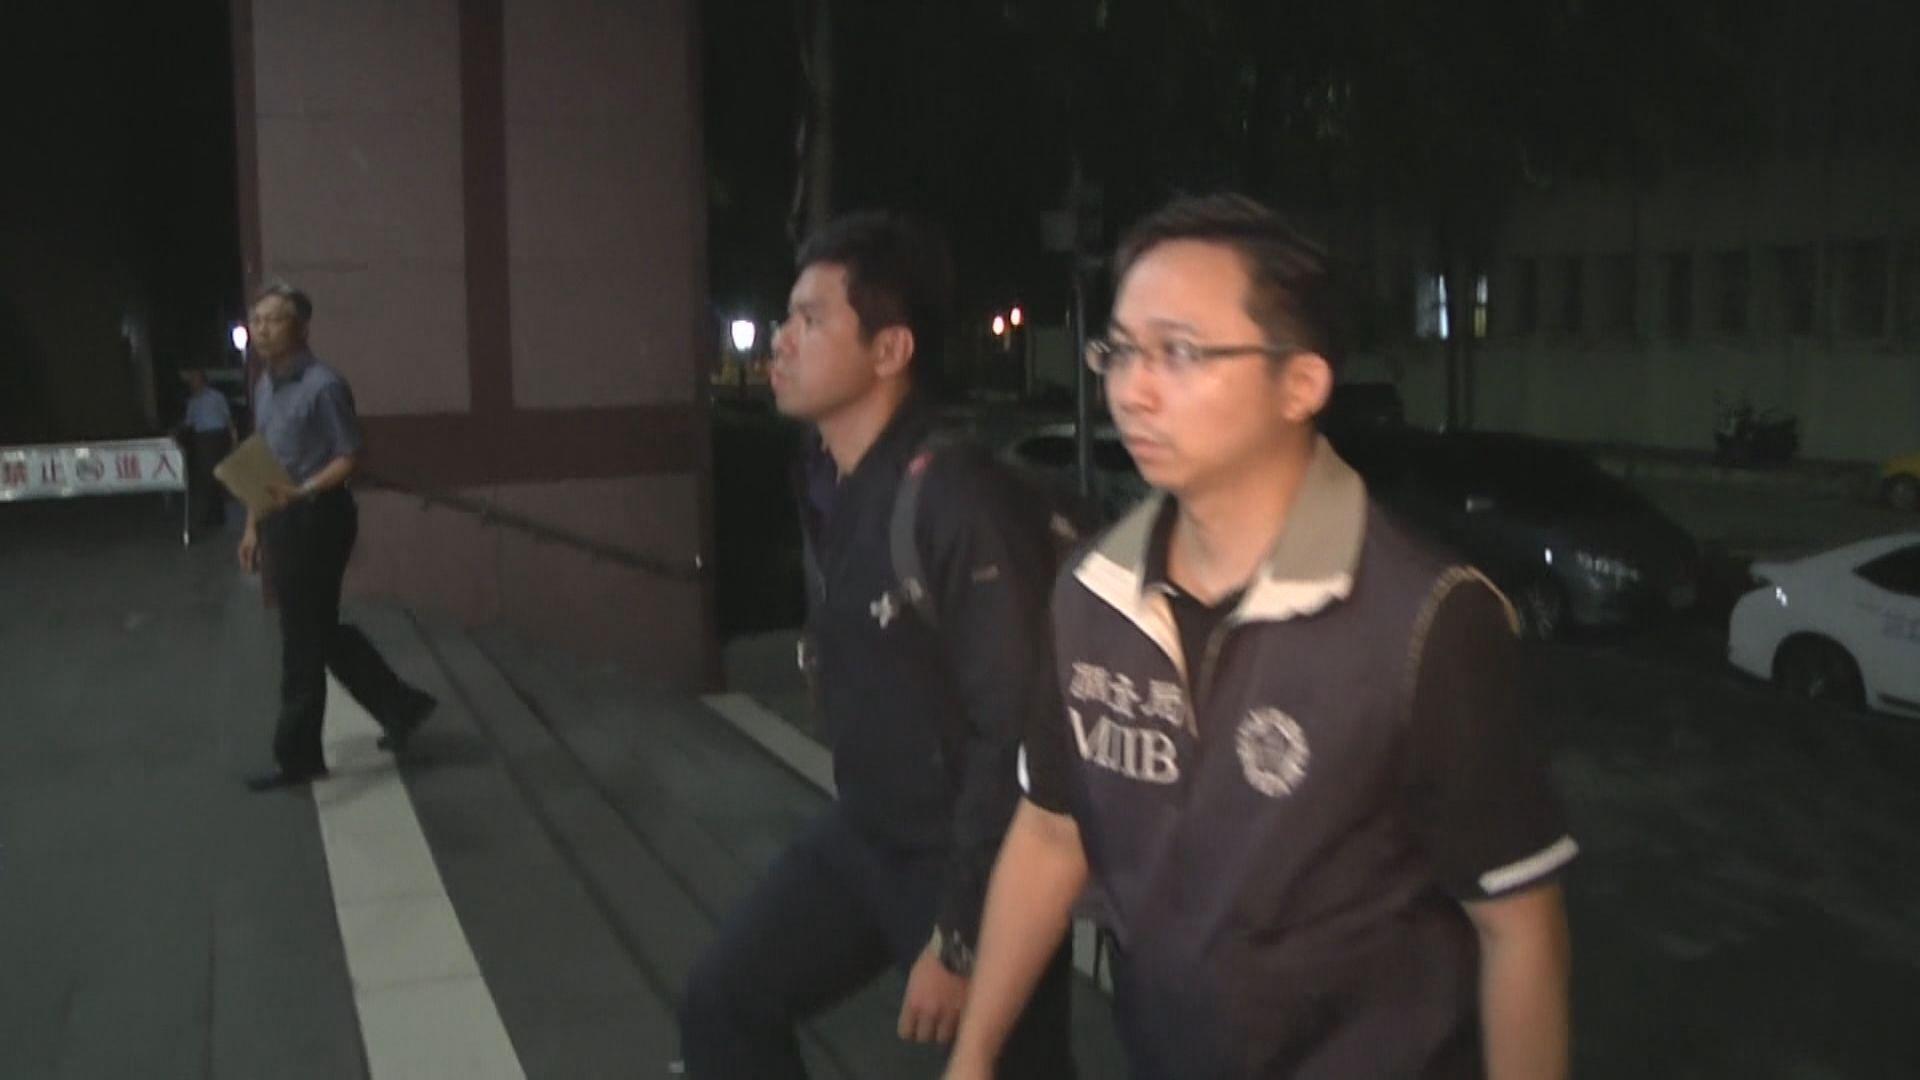 國安局人員走私煙案13人被起訴